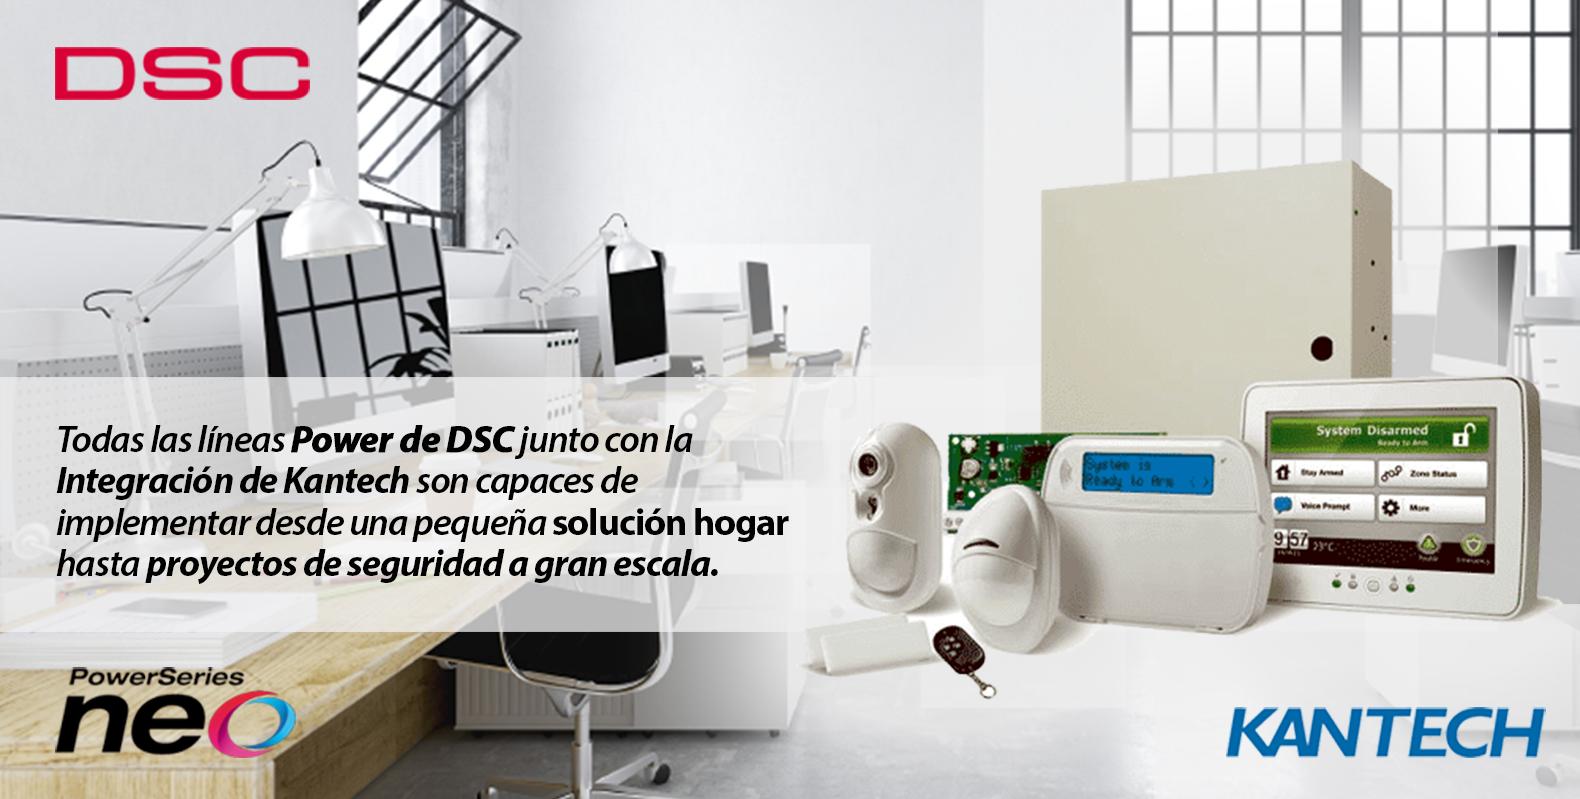 Proyectos DSC